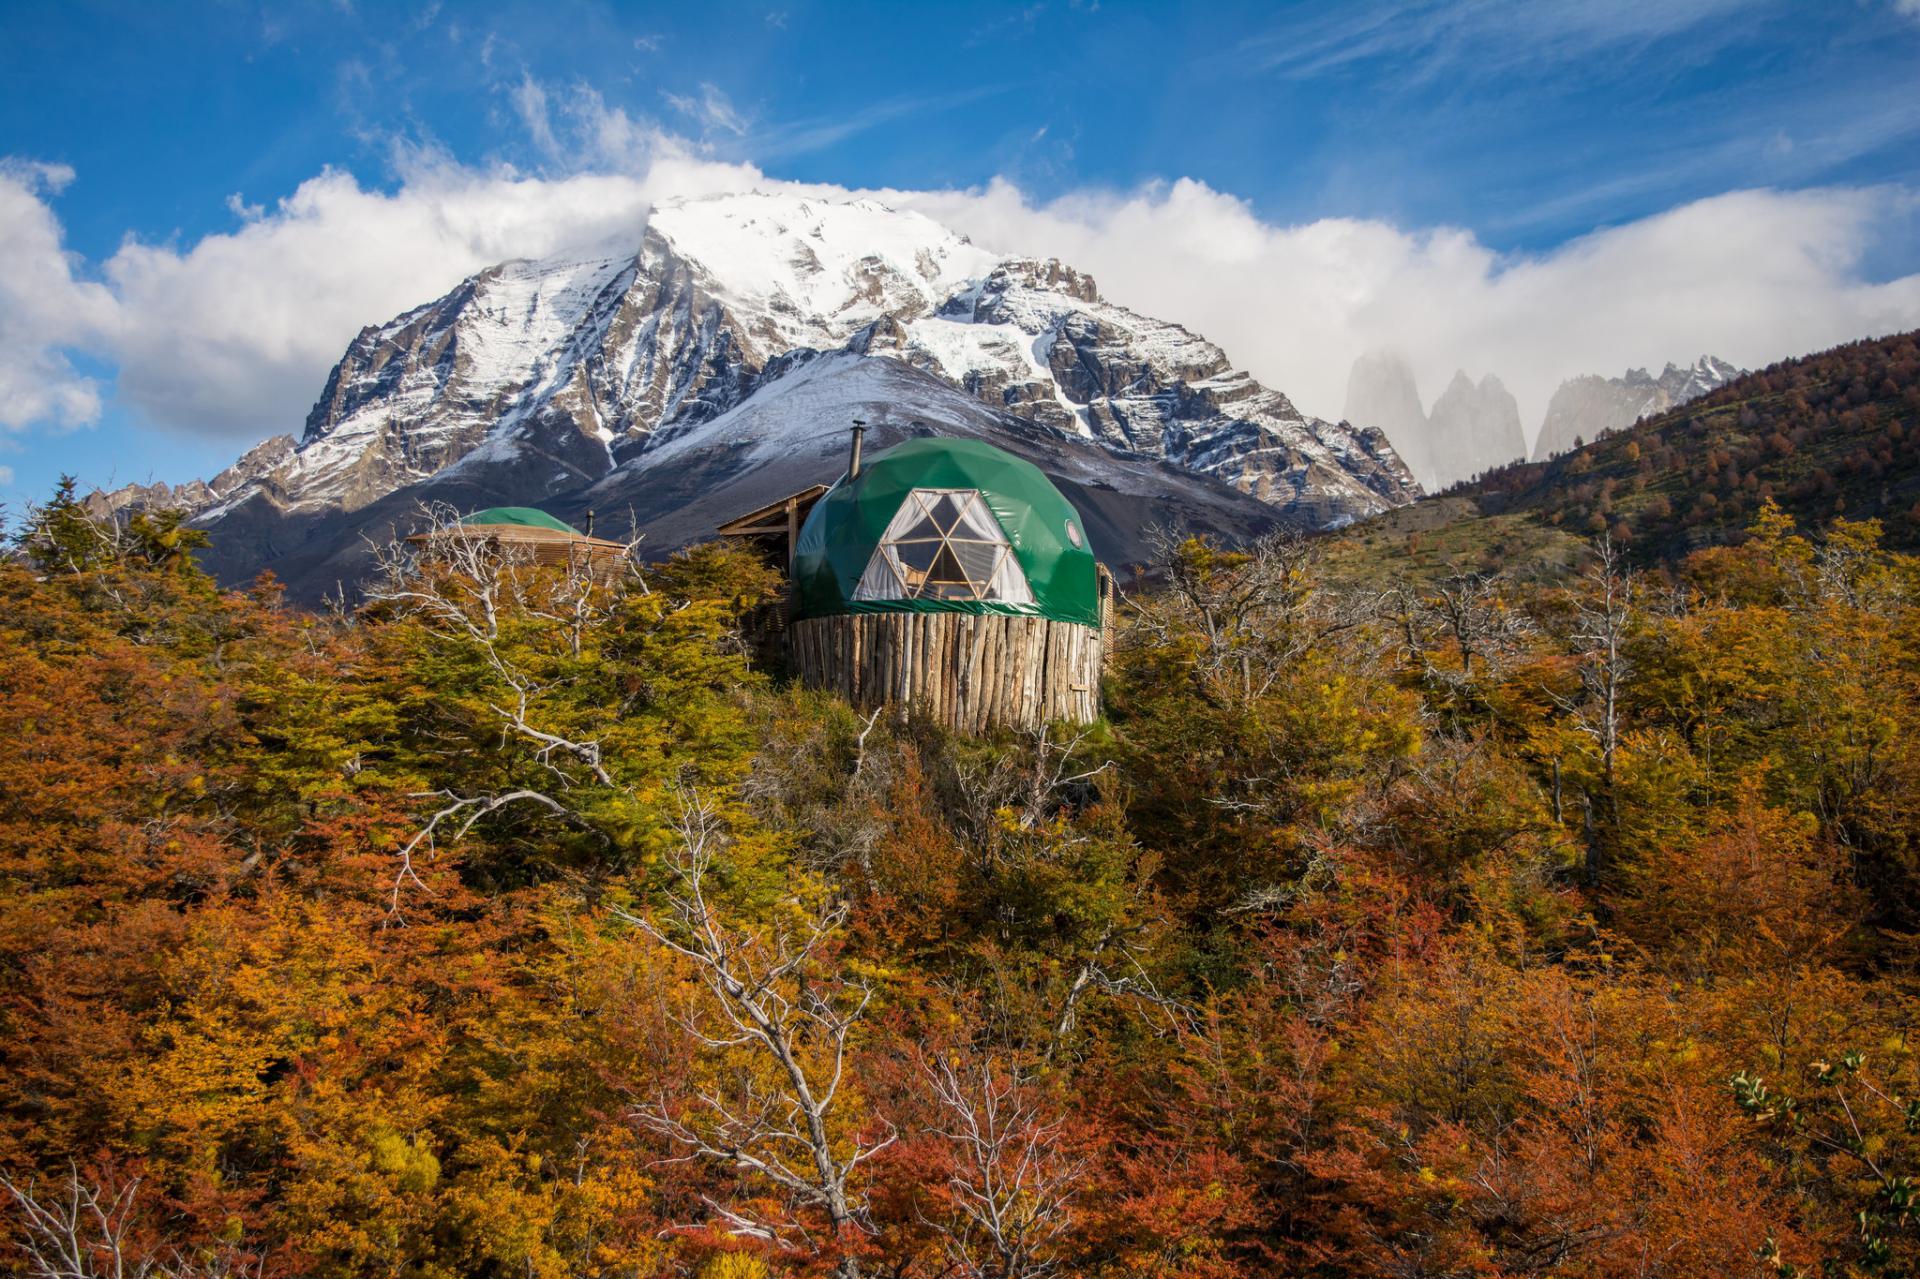 Erleben Sie eine unvergessliche Reise in das EcoCamp Patagonia in Chile